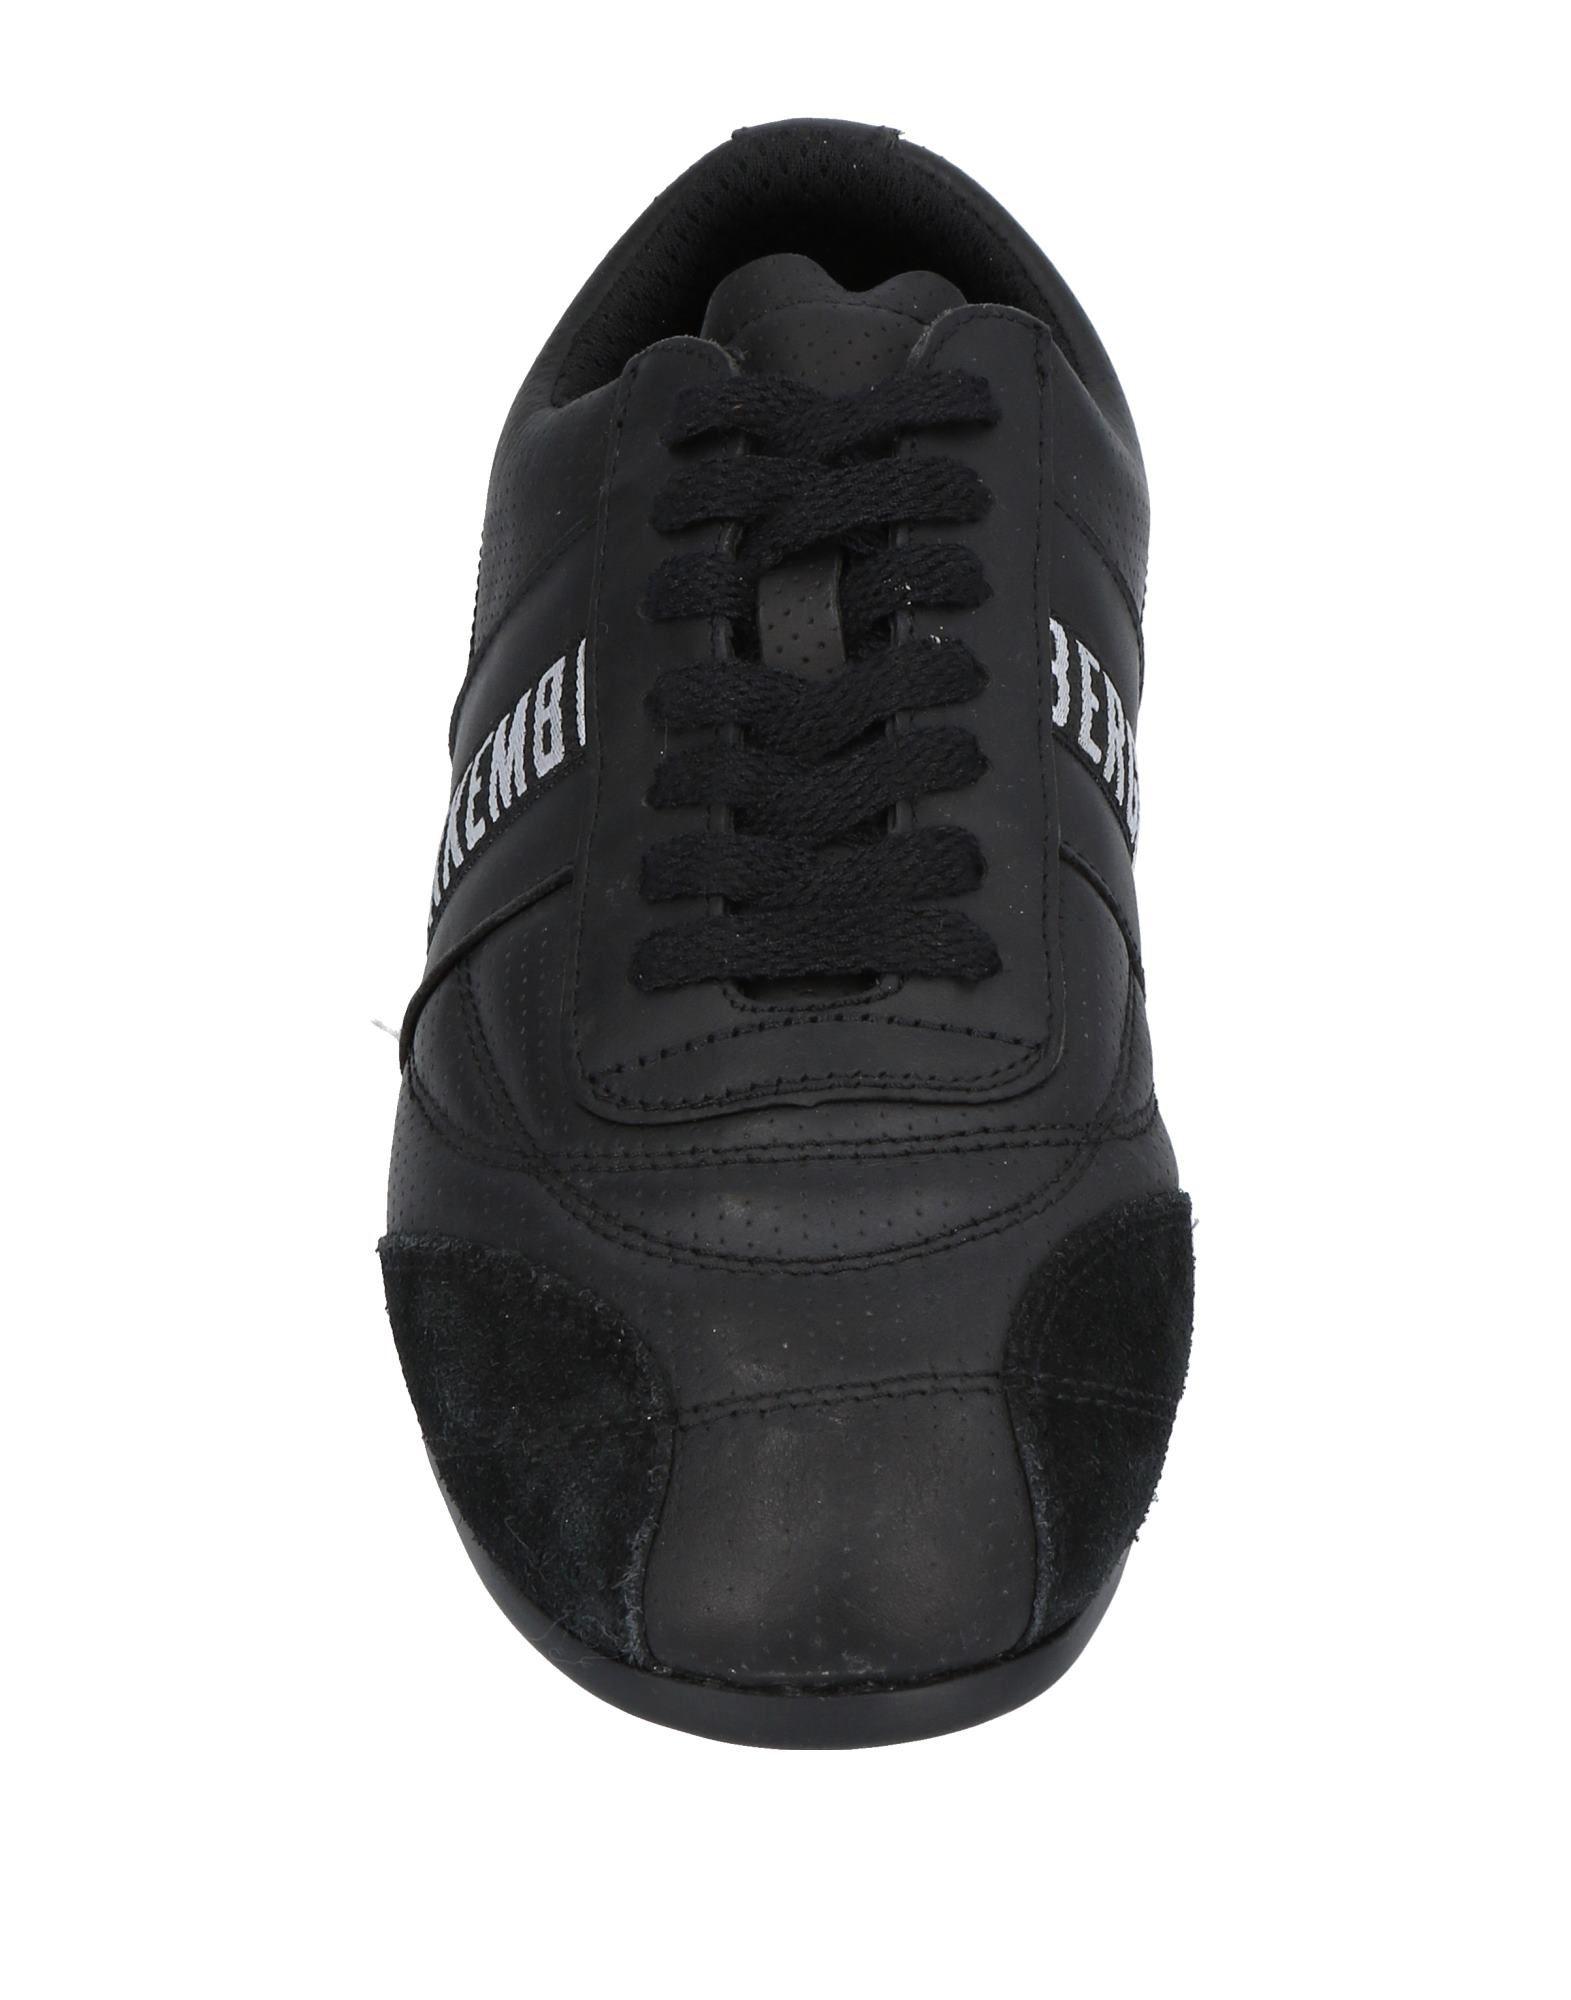 Scarpe economiche e resistenti Sneakers Bikkembergs Donna - 11453437EL